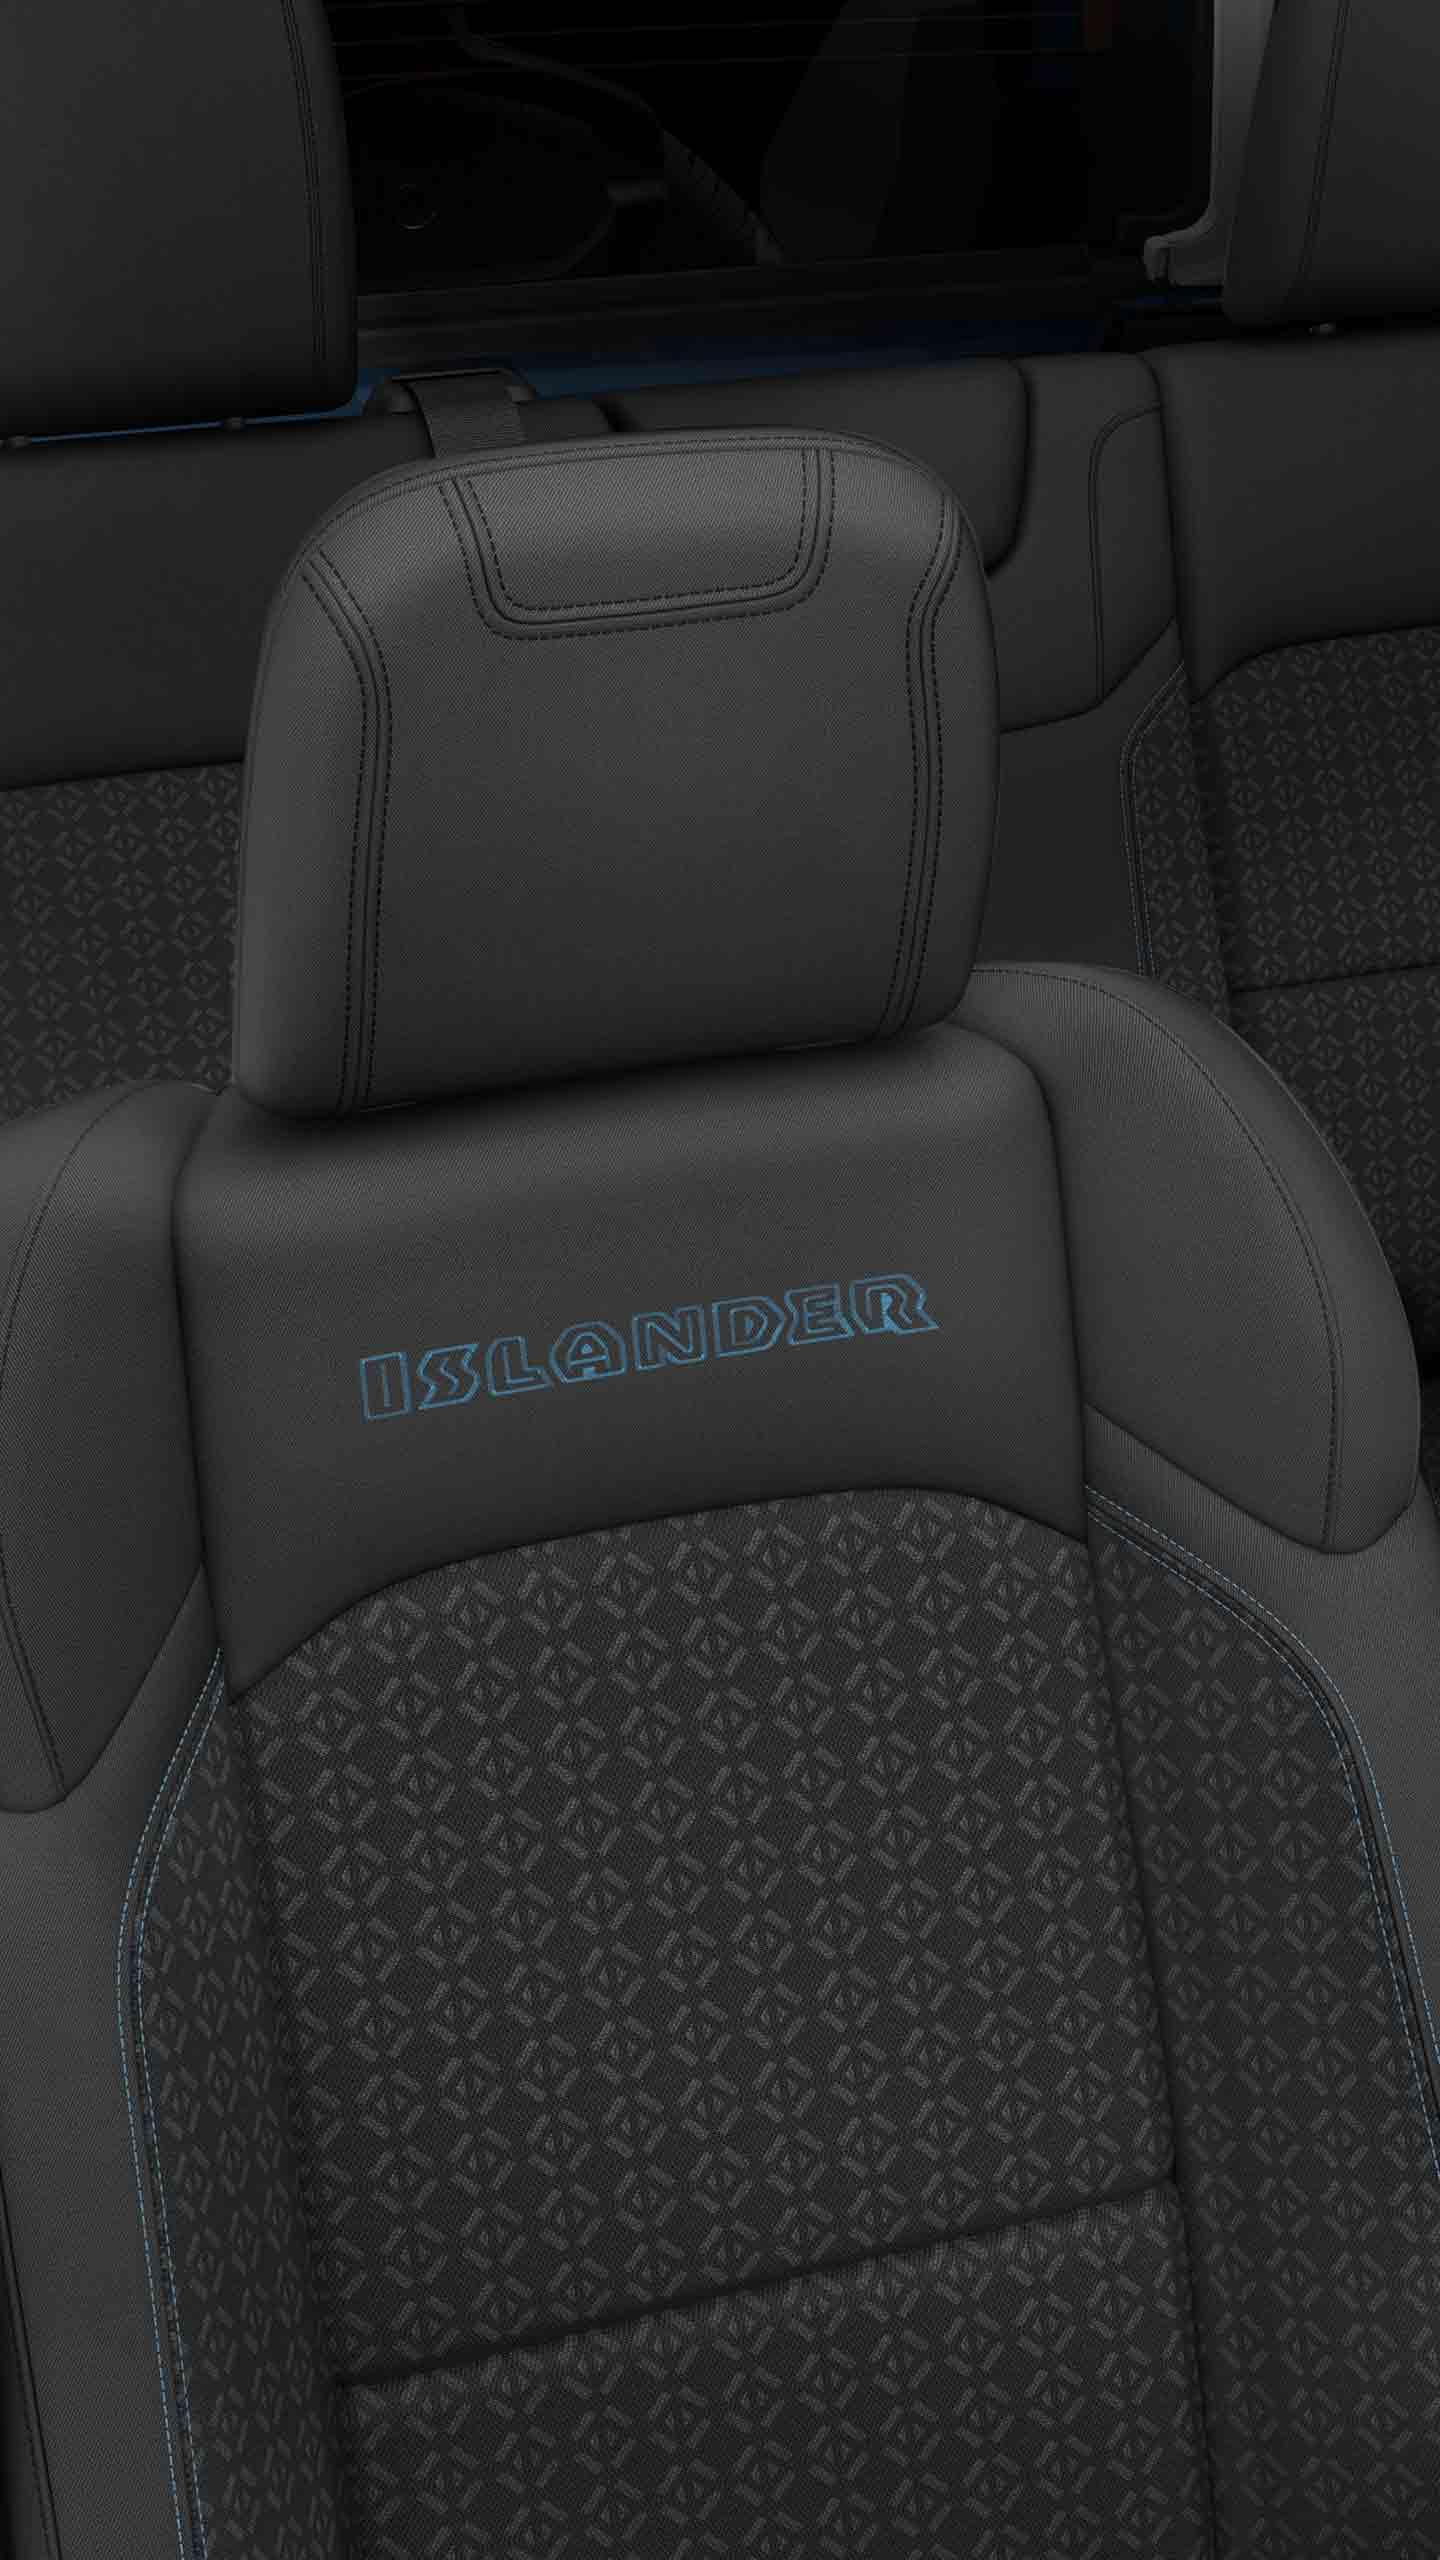 Jeep-Wrangler-Islander-Trim-Seat-Embrodiery